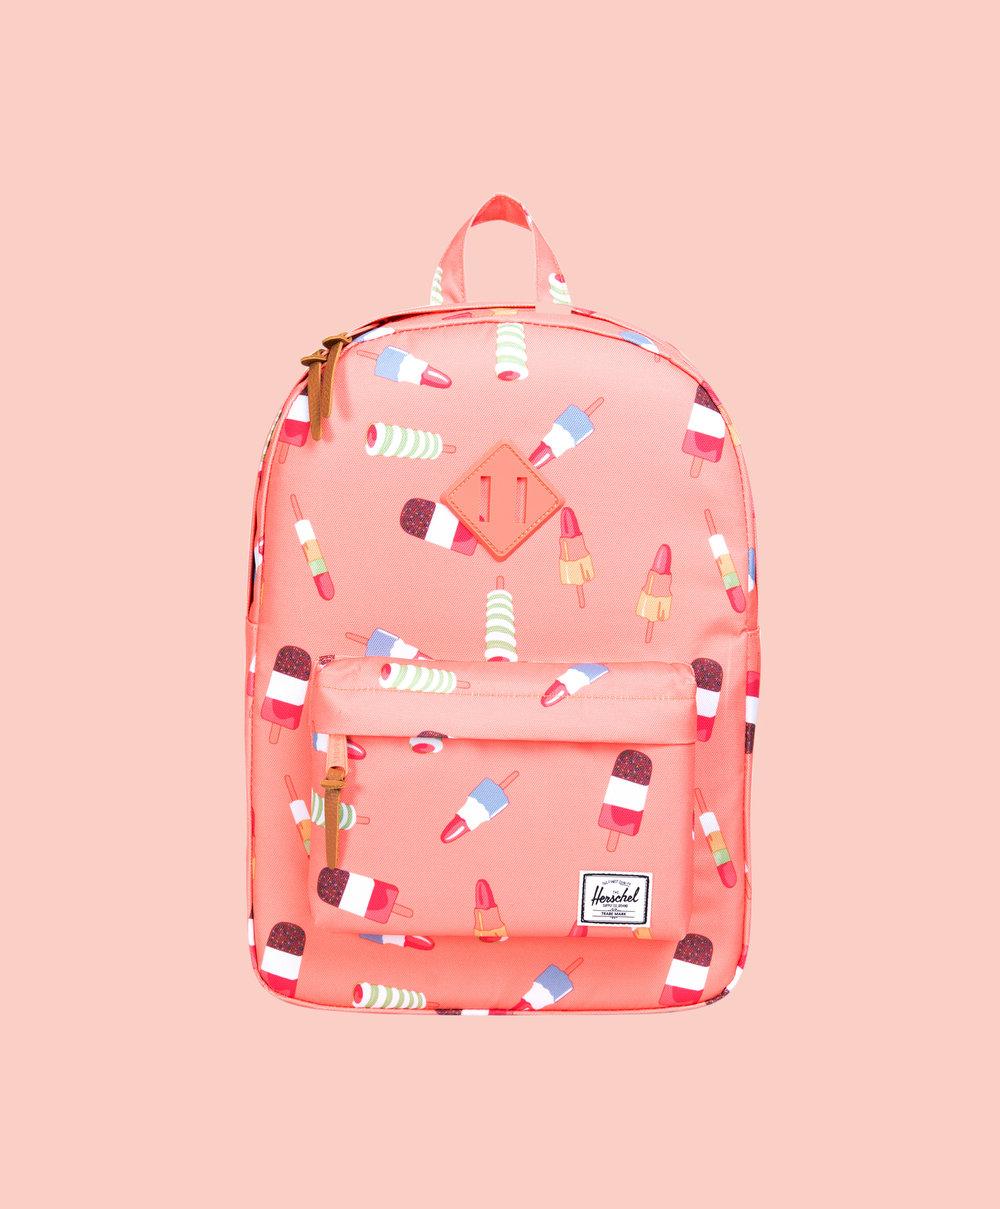 POPSICLE_PINK_pink_heritage.jpg